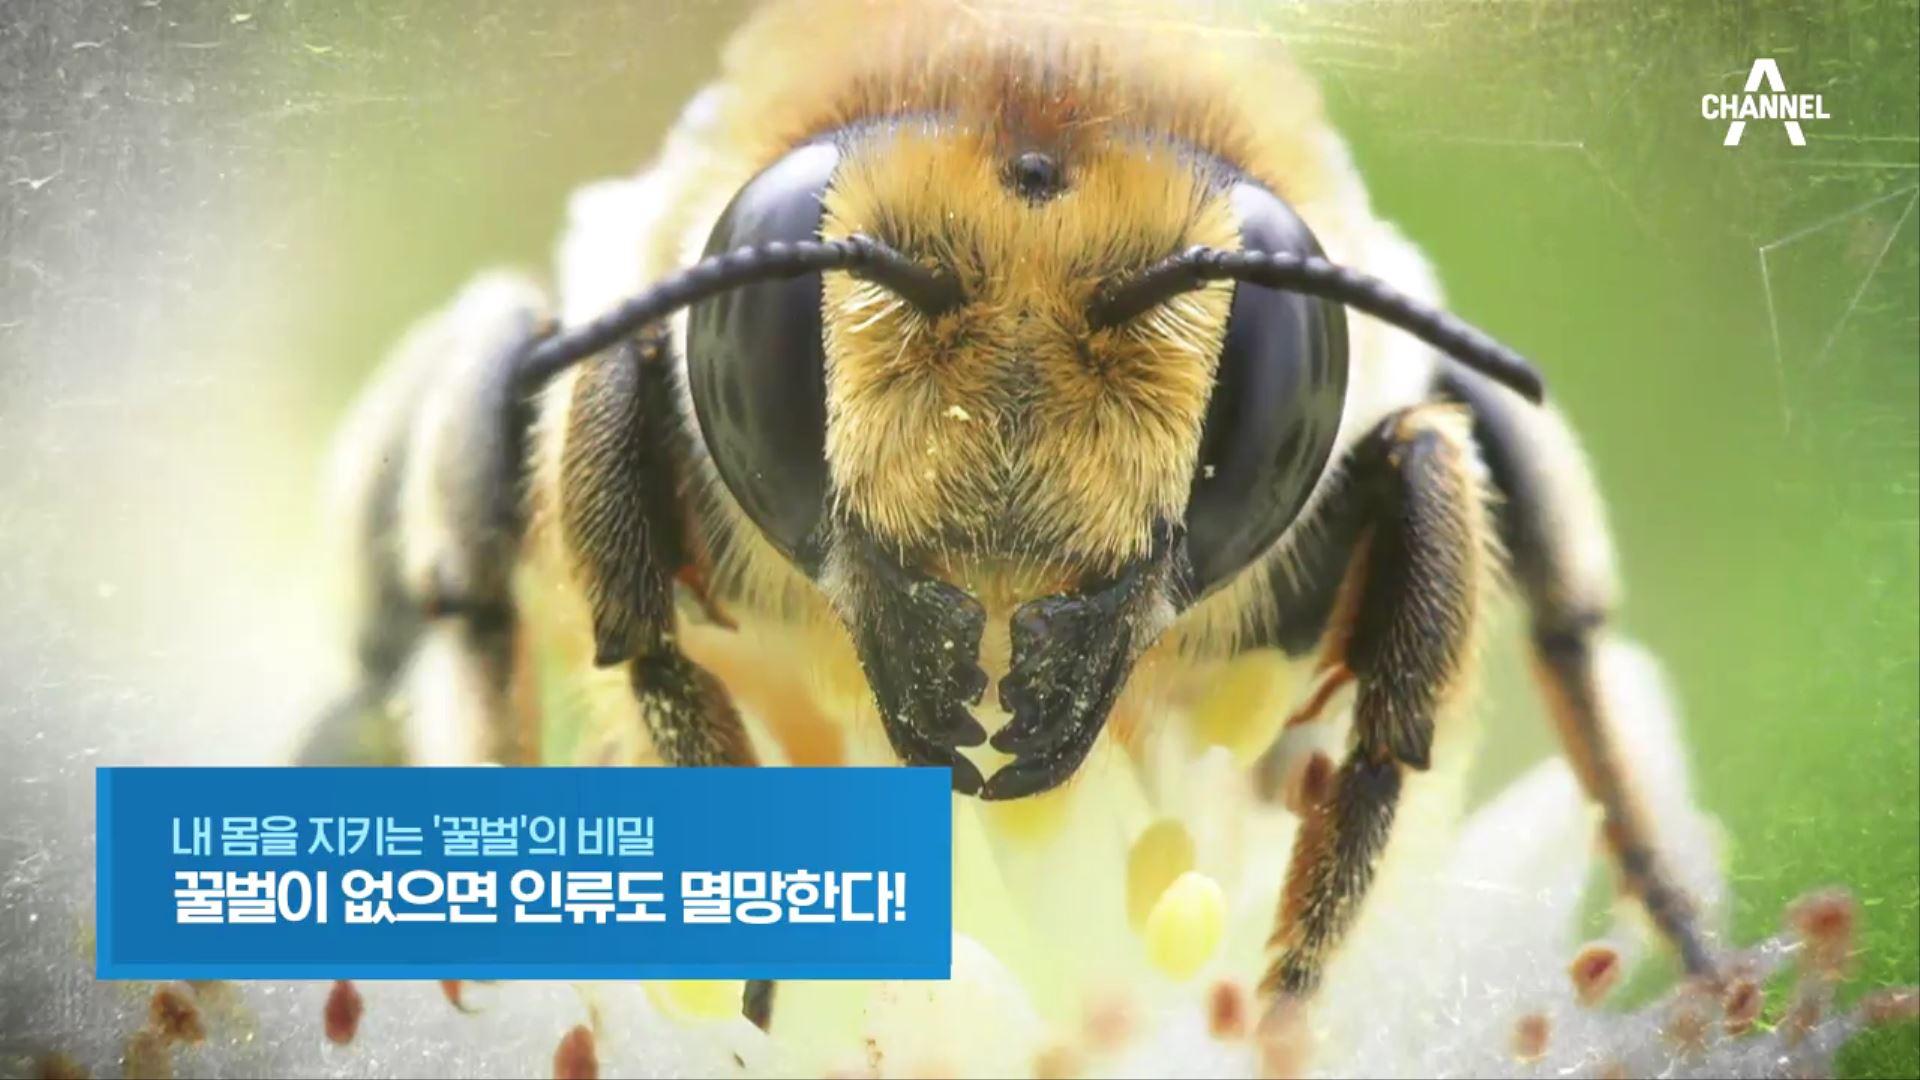 특별기획 내 몸을 지키는 '꿀벌'의 비밀